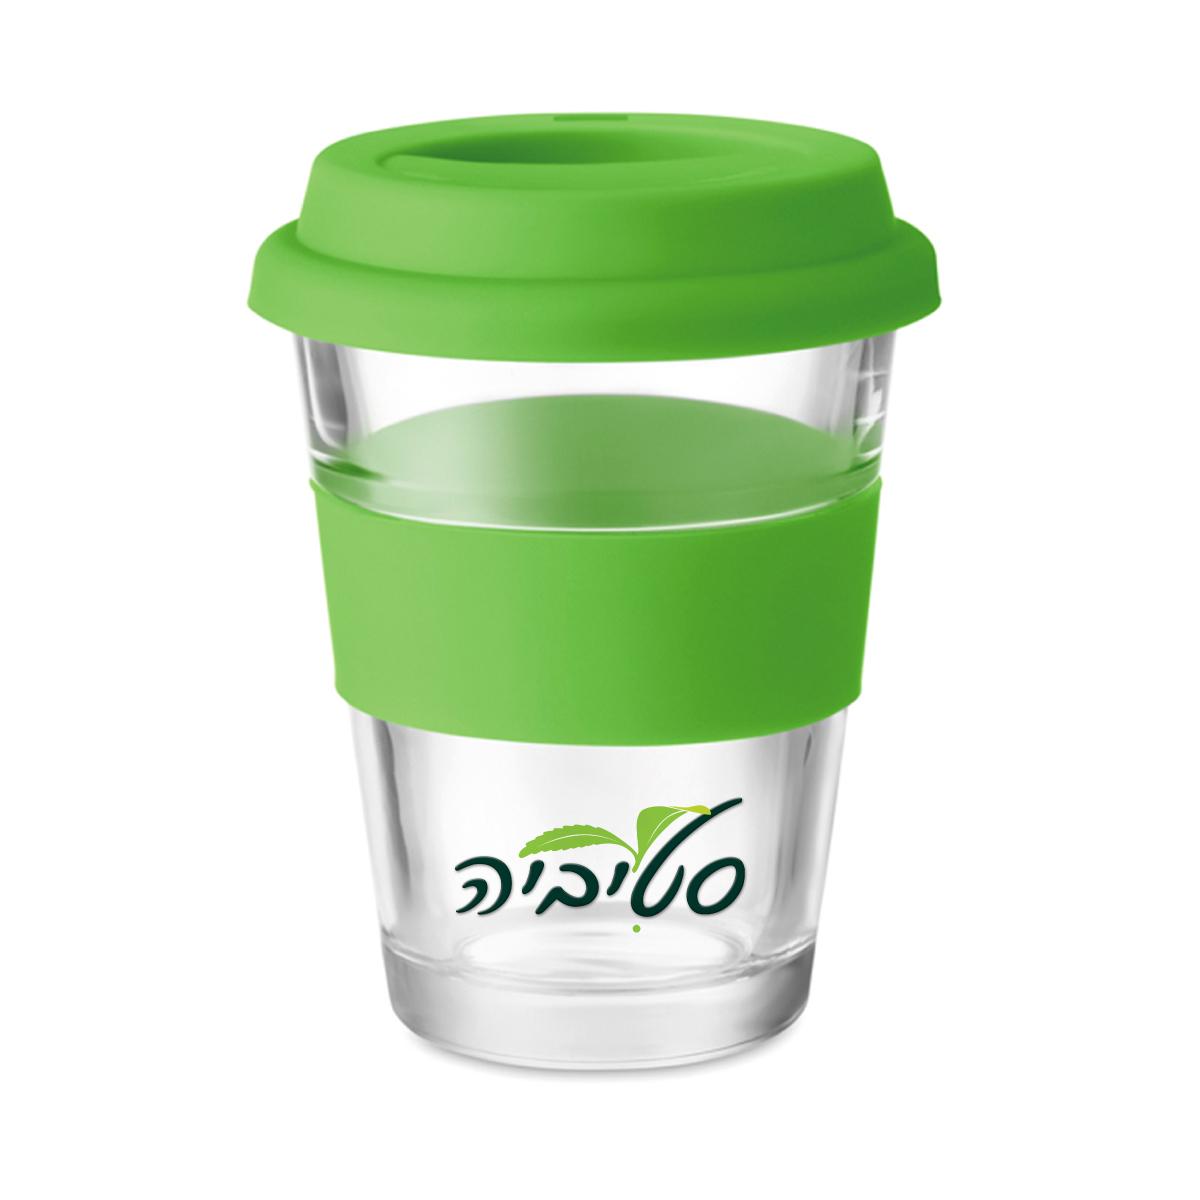 כוס שתיה מזכוכית עם מכסה סיליקון וחבק בצבע תואם - אקו